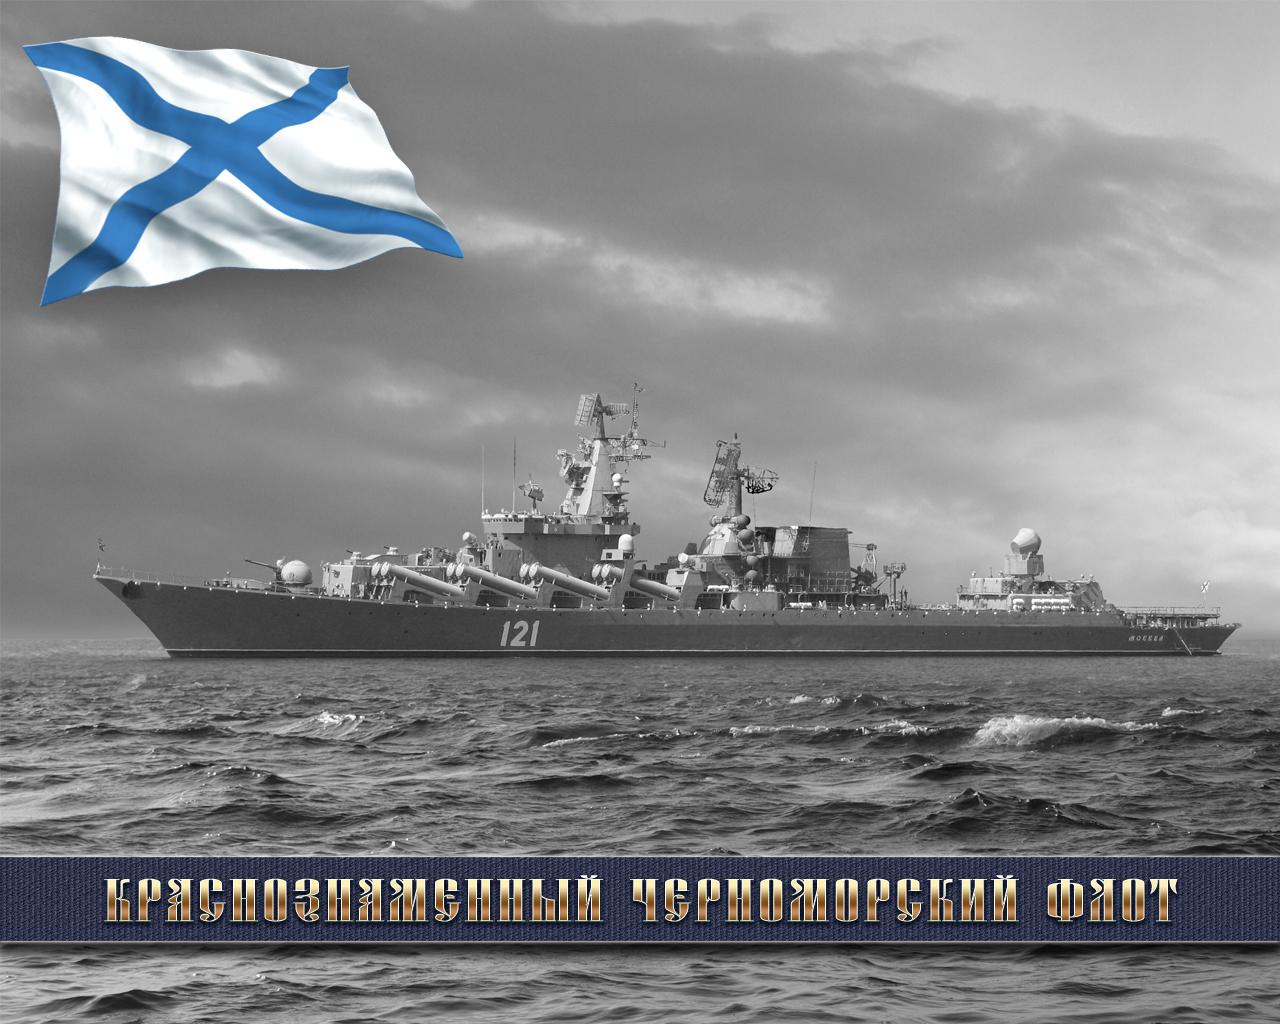 День ВМФ 2017: картинки, открытки с поздравлениями красивые 80